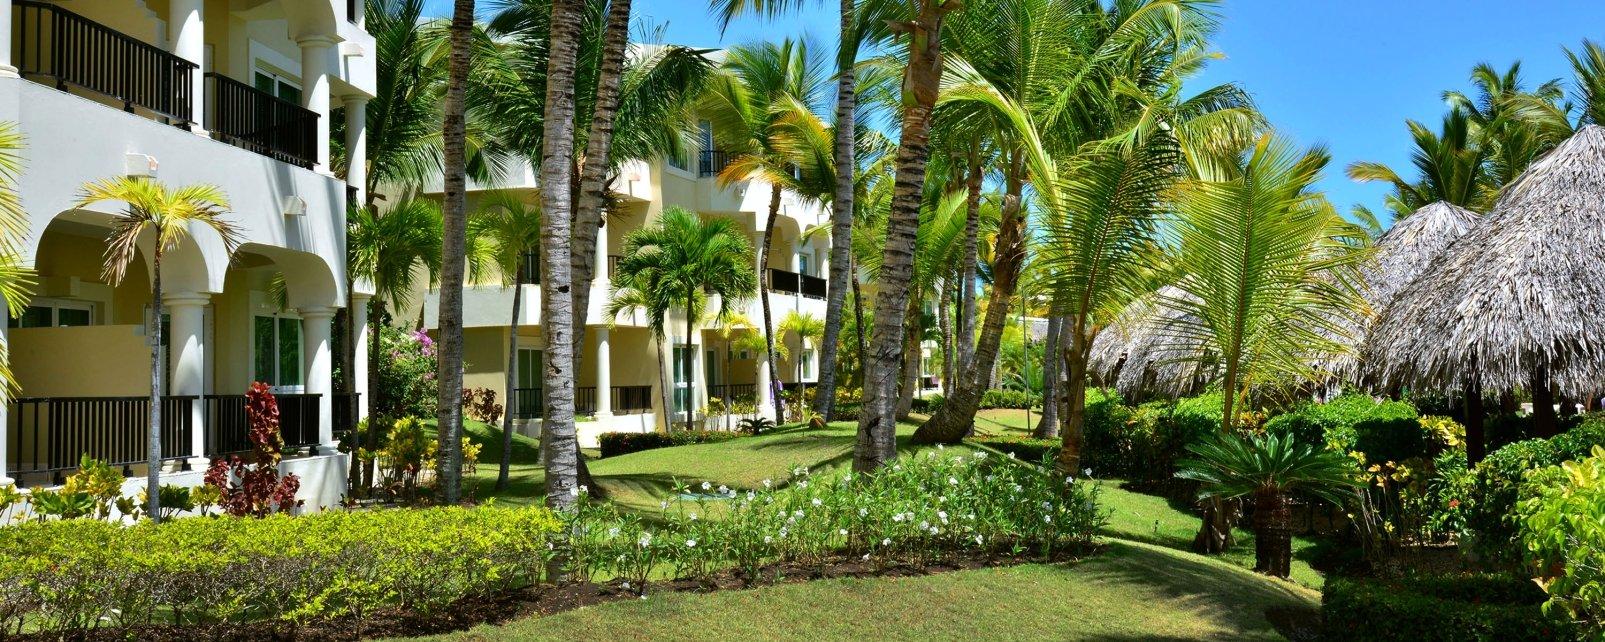 Hotel Paradisus Punta Cana